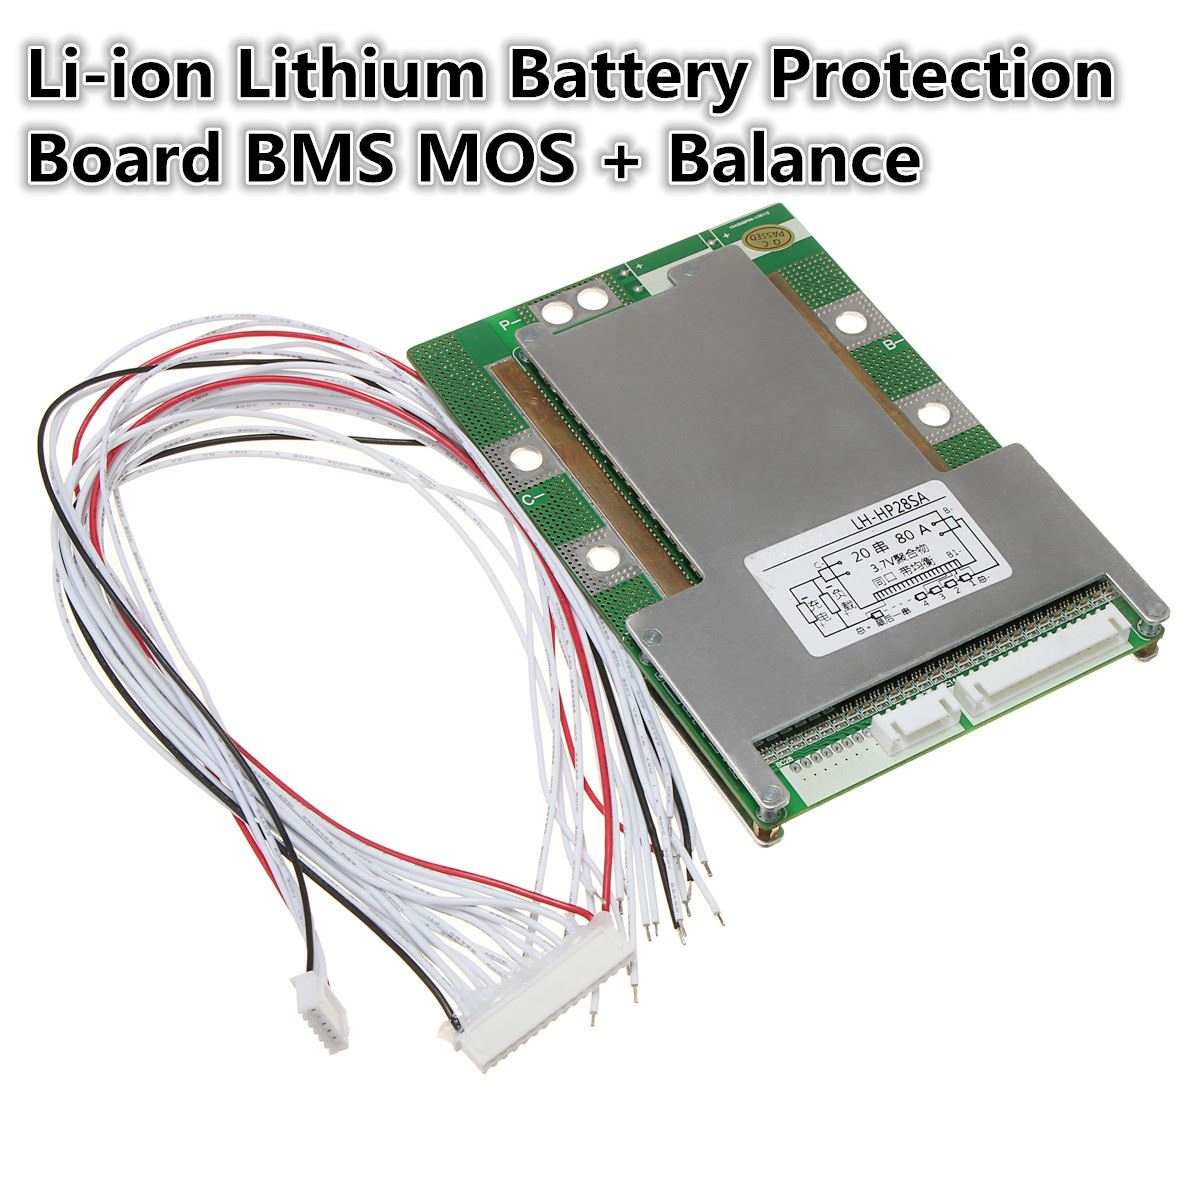 1 шт. Новое поступление 20 s 72 В (84 В) 80A 18650 литий-ионный Батарея защиты доска BMS MOS + баланс Модуль